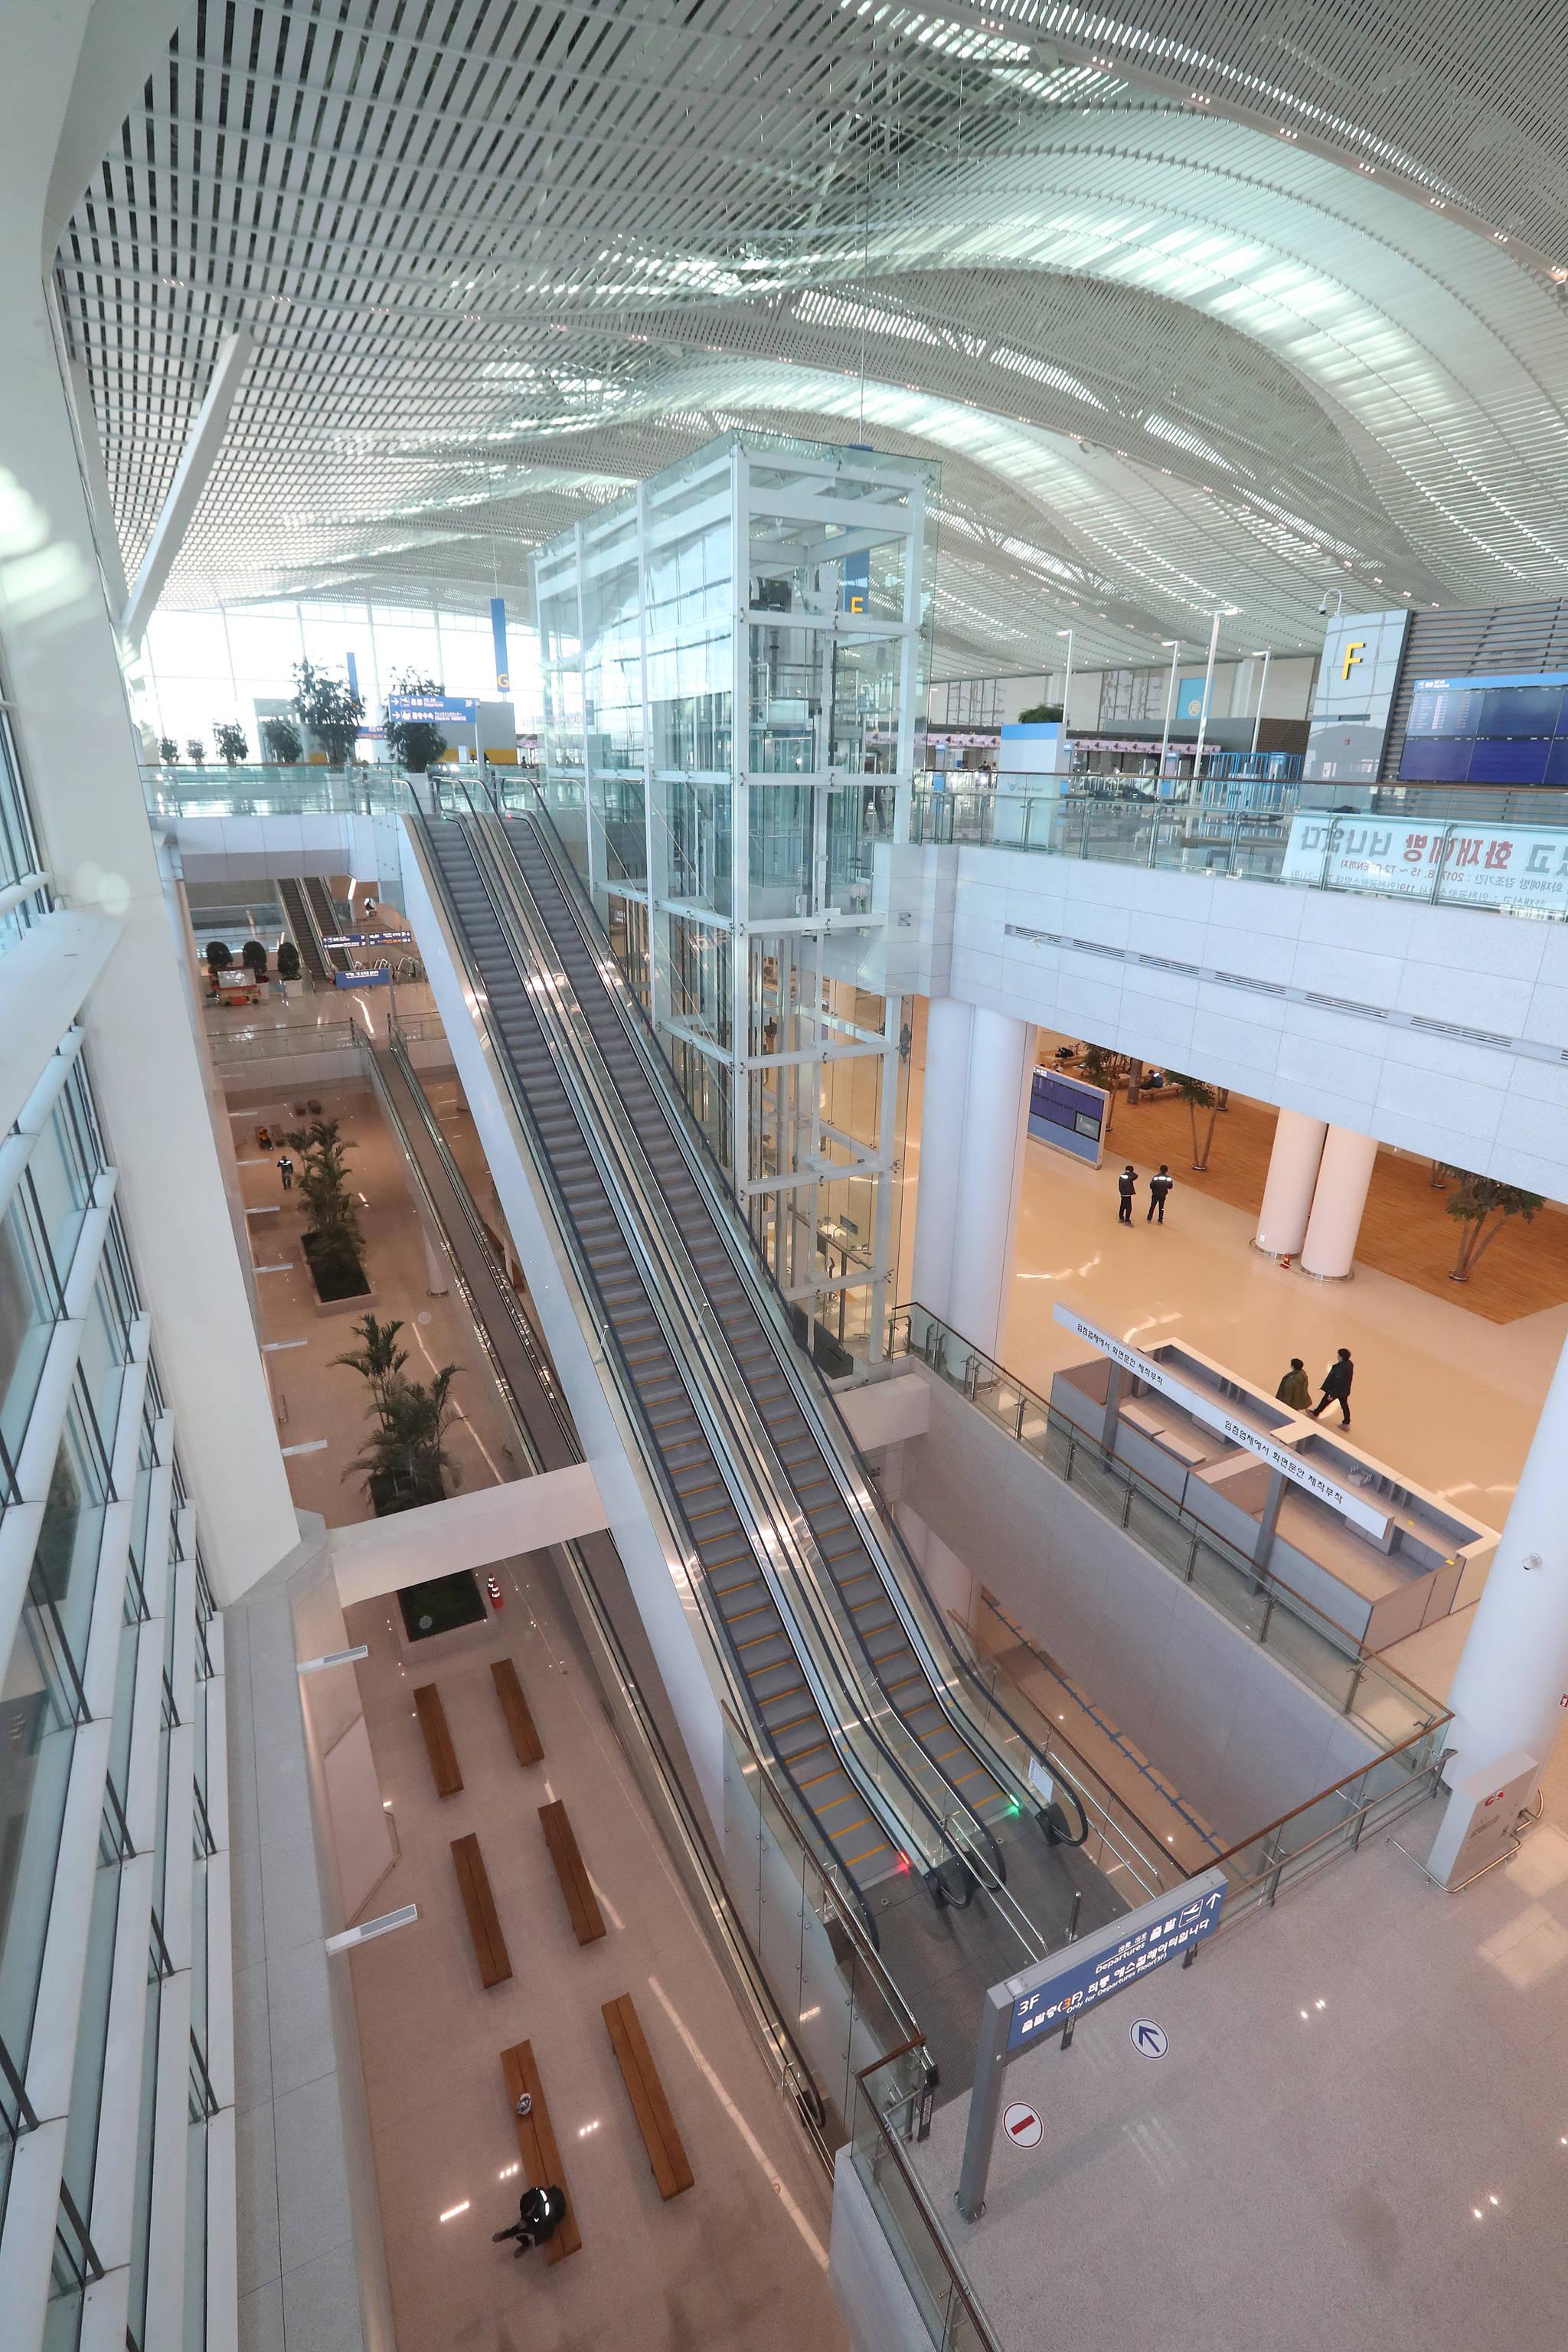 내년 1월 18일 개장하는 인천공항 제2여객터미널 입국장 전경. 우상조 기자